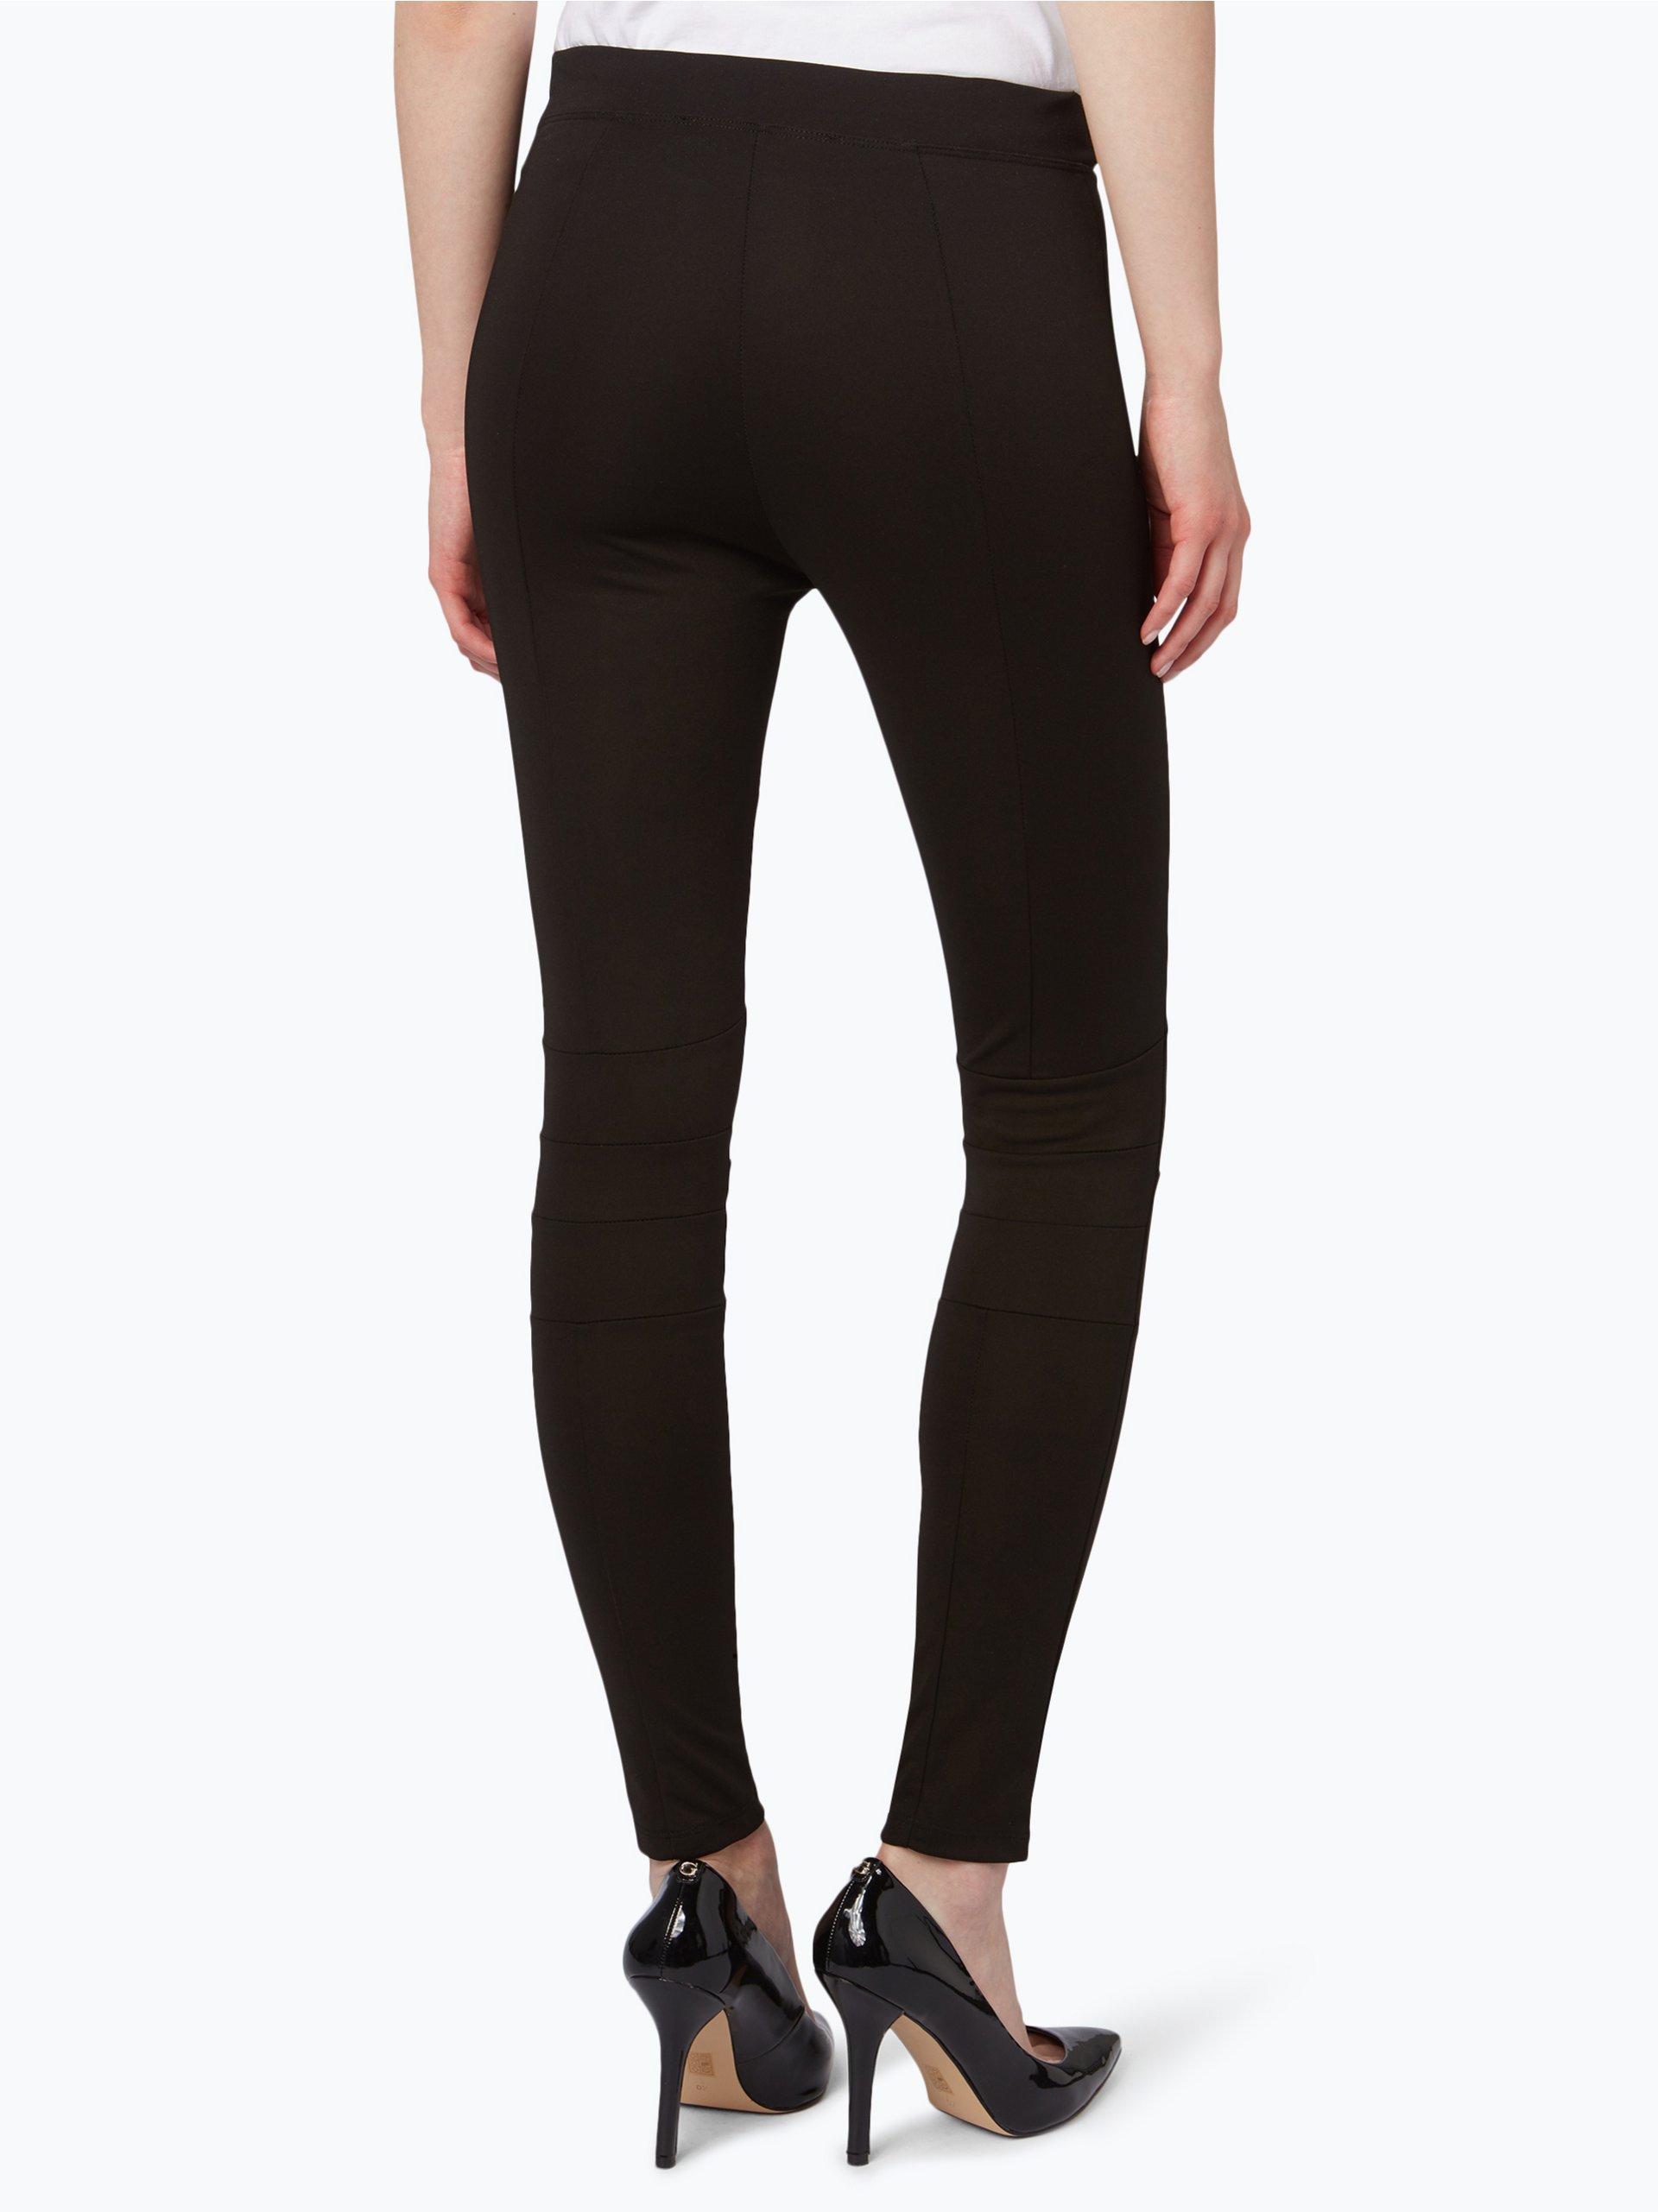 guess jeans damen leggings schwarz uni online kaufen vangraaf com. Black Bedroom Furniture Sets. Home Design Ideas